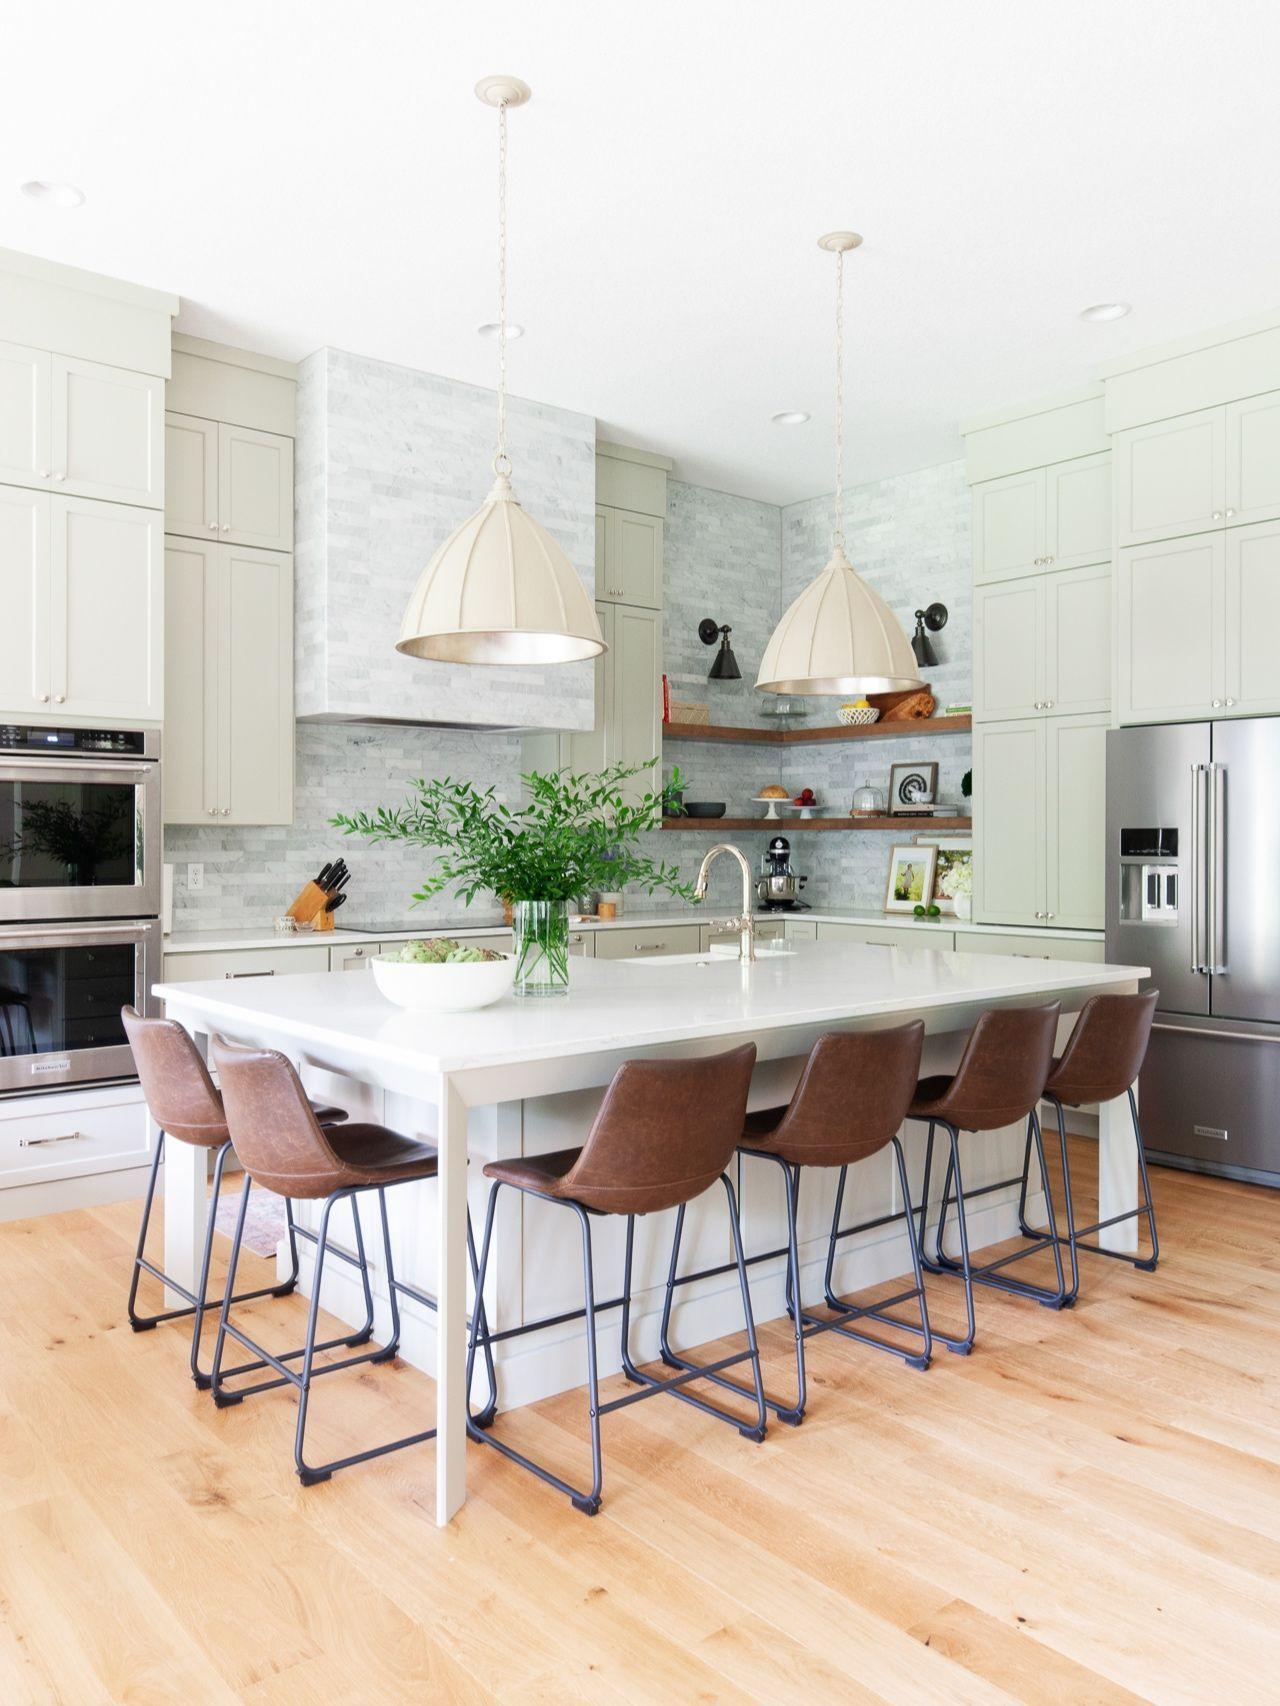 Home Reveal Interior Design Kitchen Kitchen Interior Kitchen Design Open